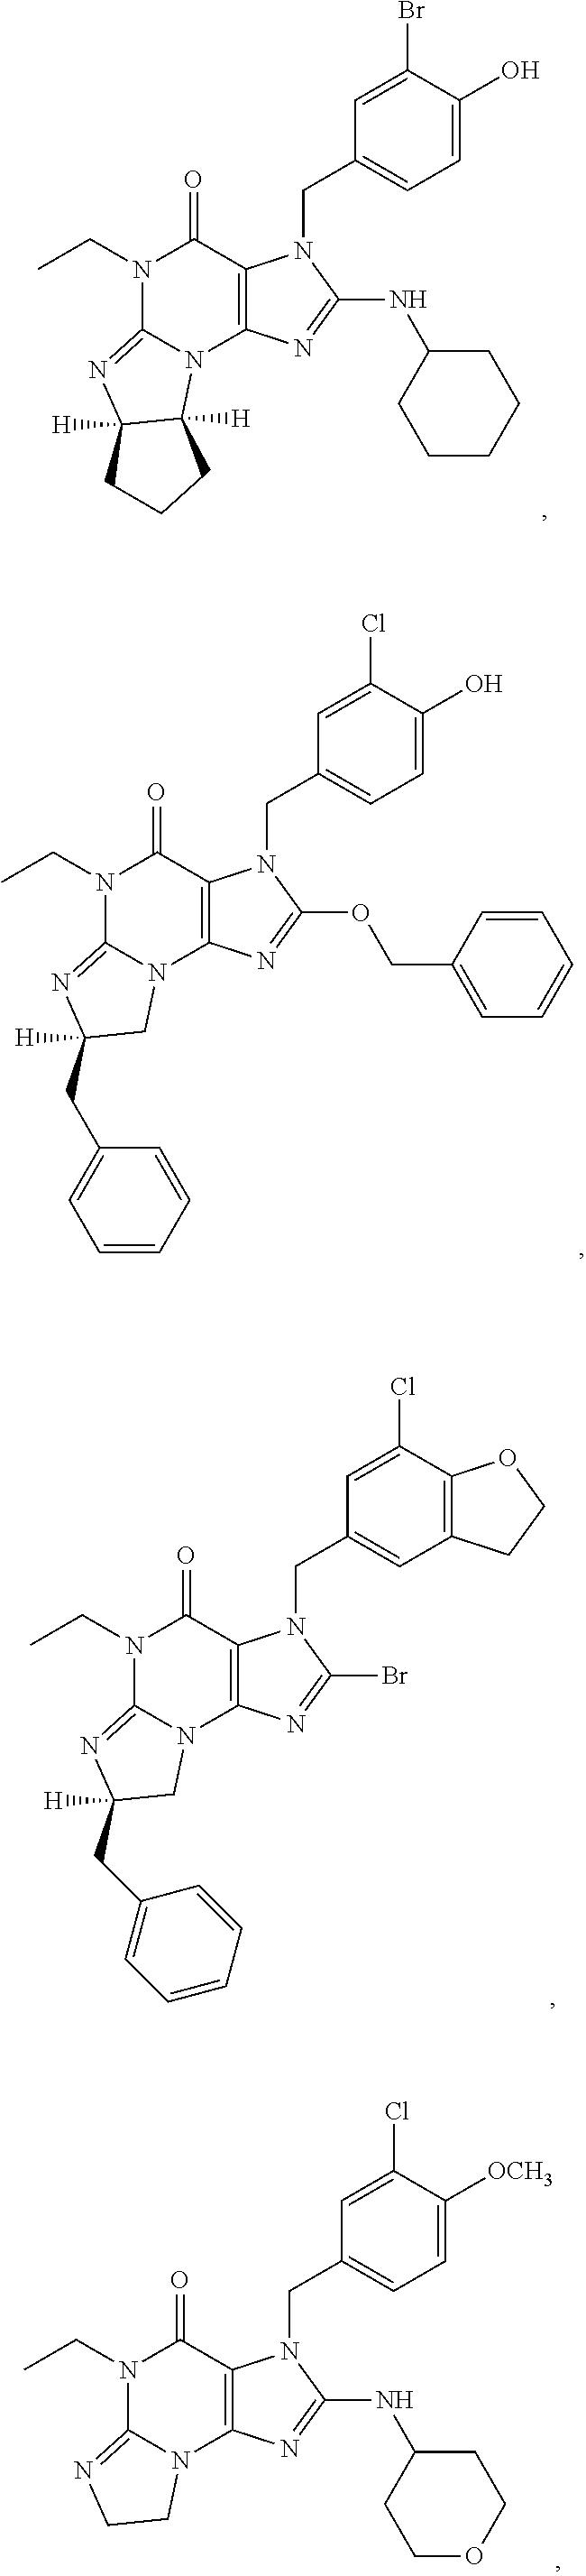 Figure US20110312978A1-20111222-C00022